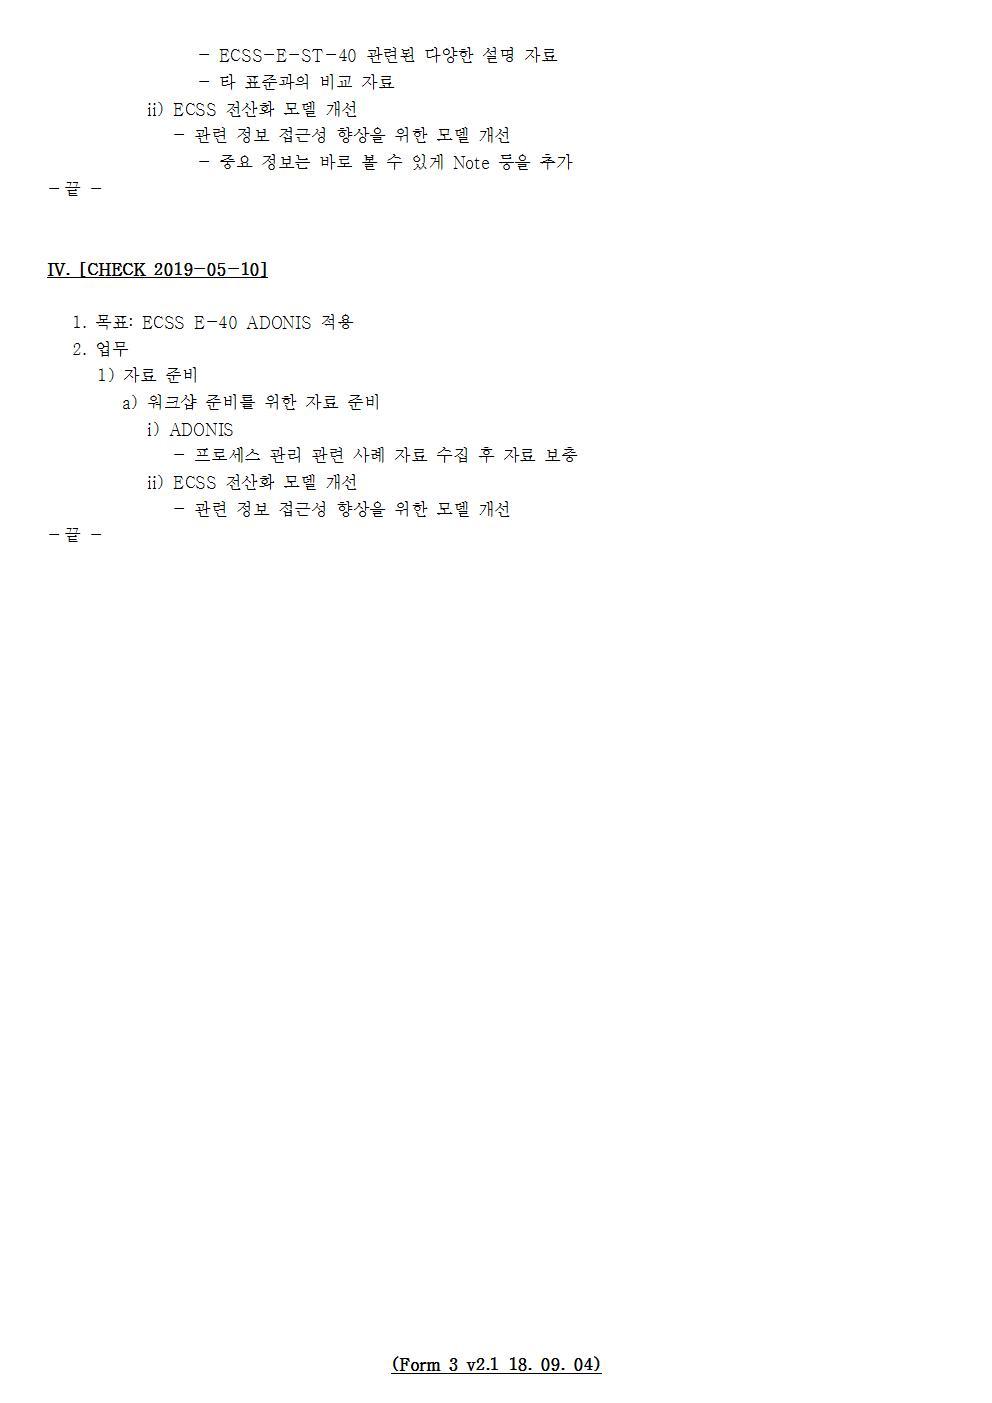 D-[19-004-RD-04]-[CMS]-[2019-05-10][YB]002.jpg